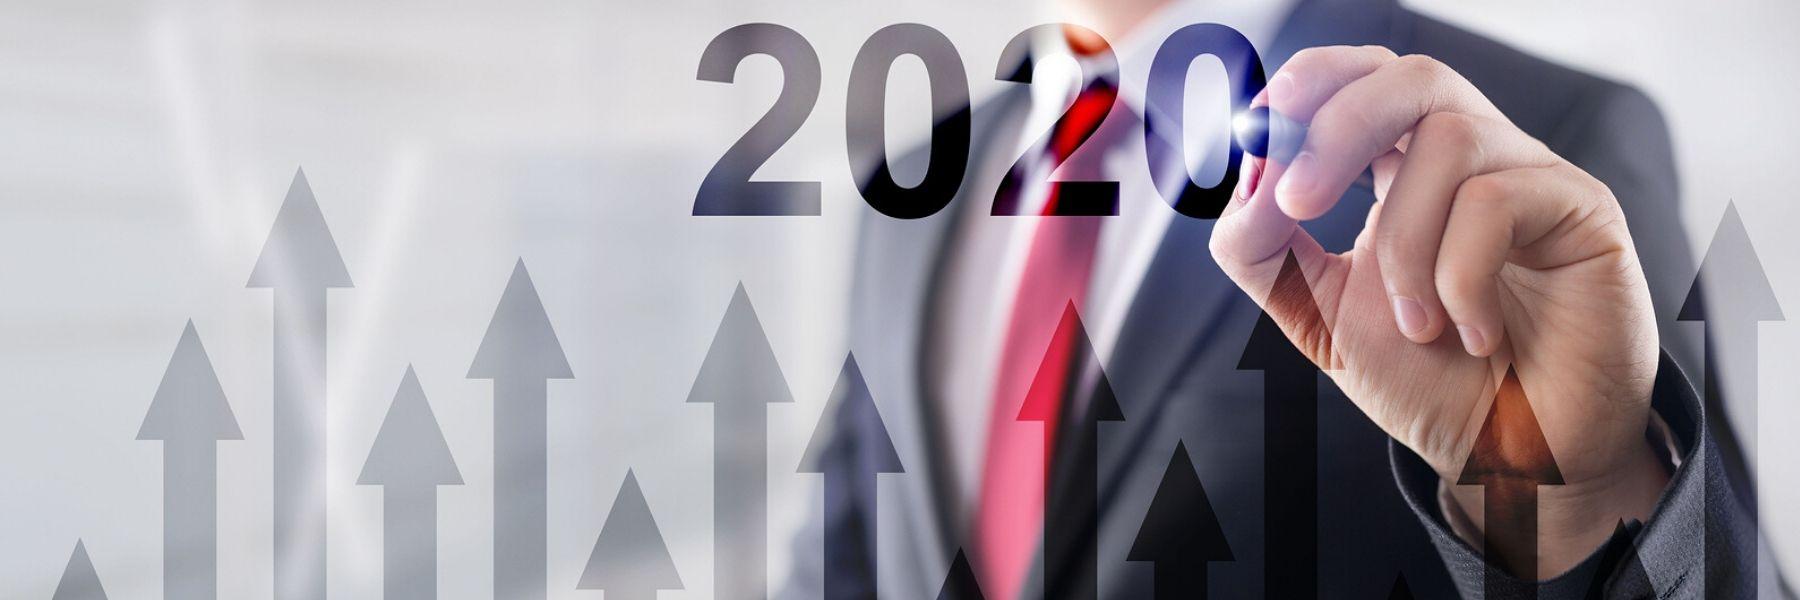 taux hypothécaires stables en 2020